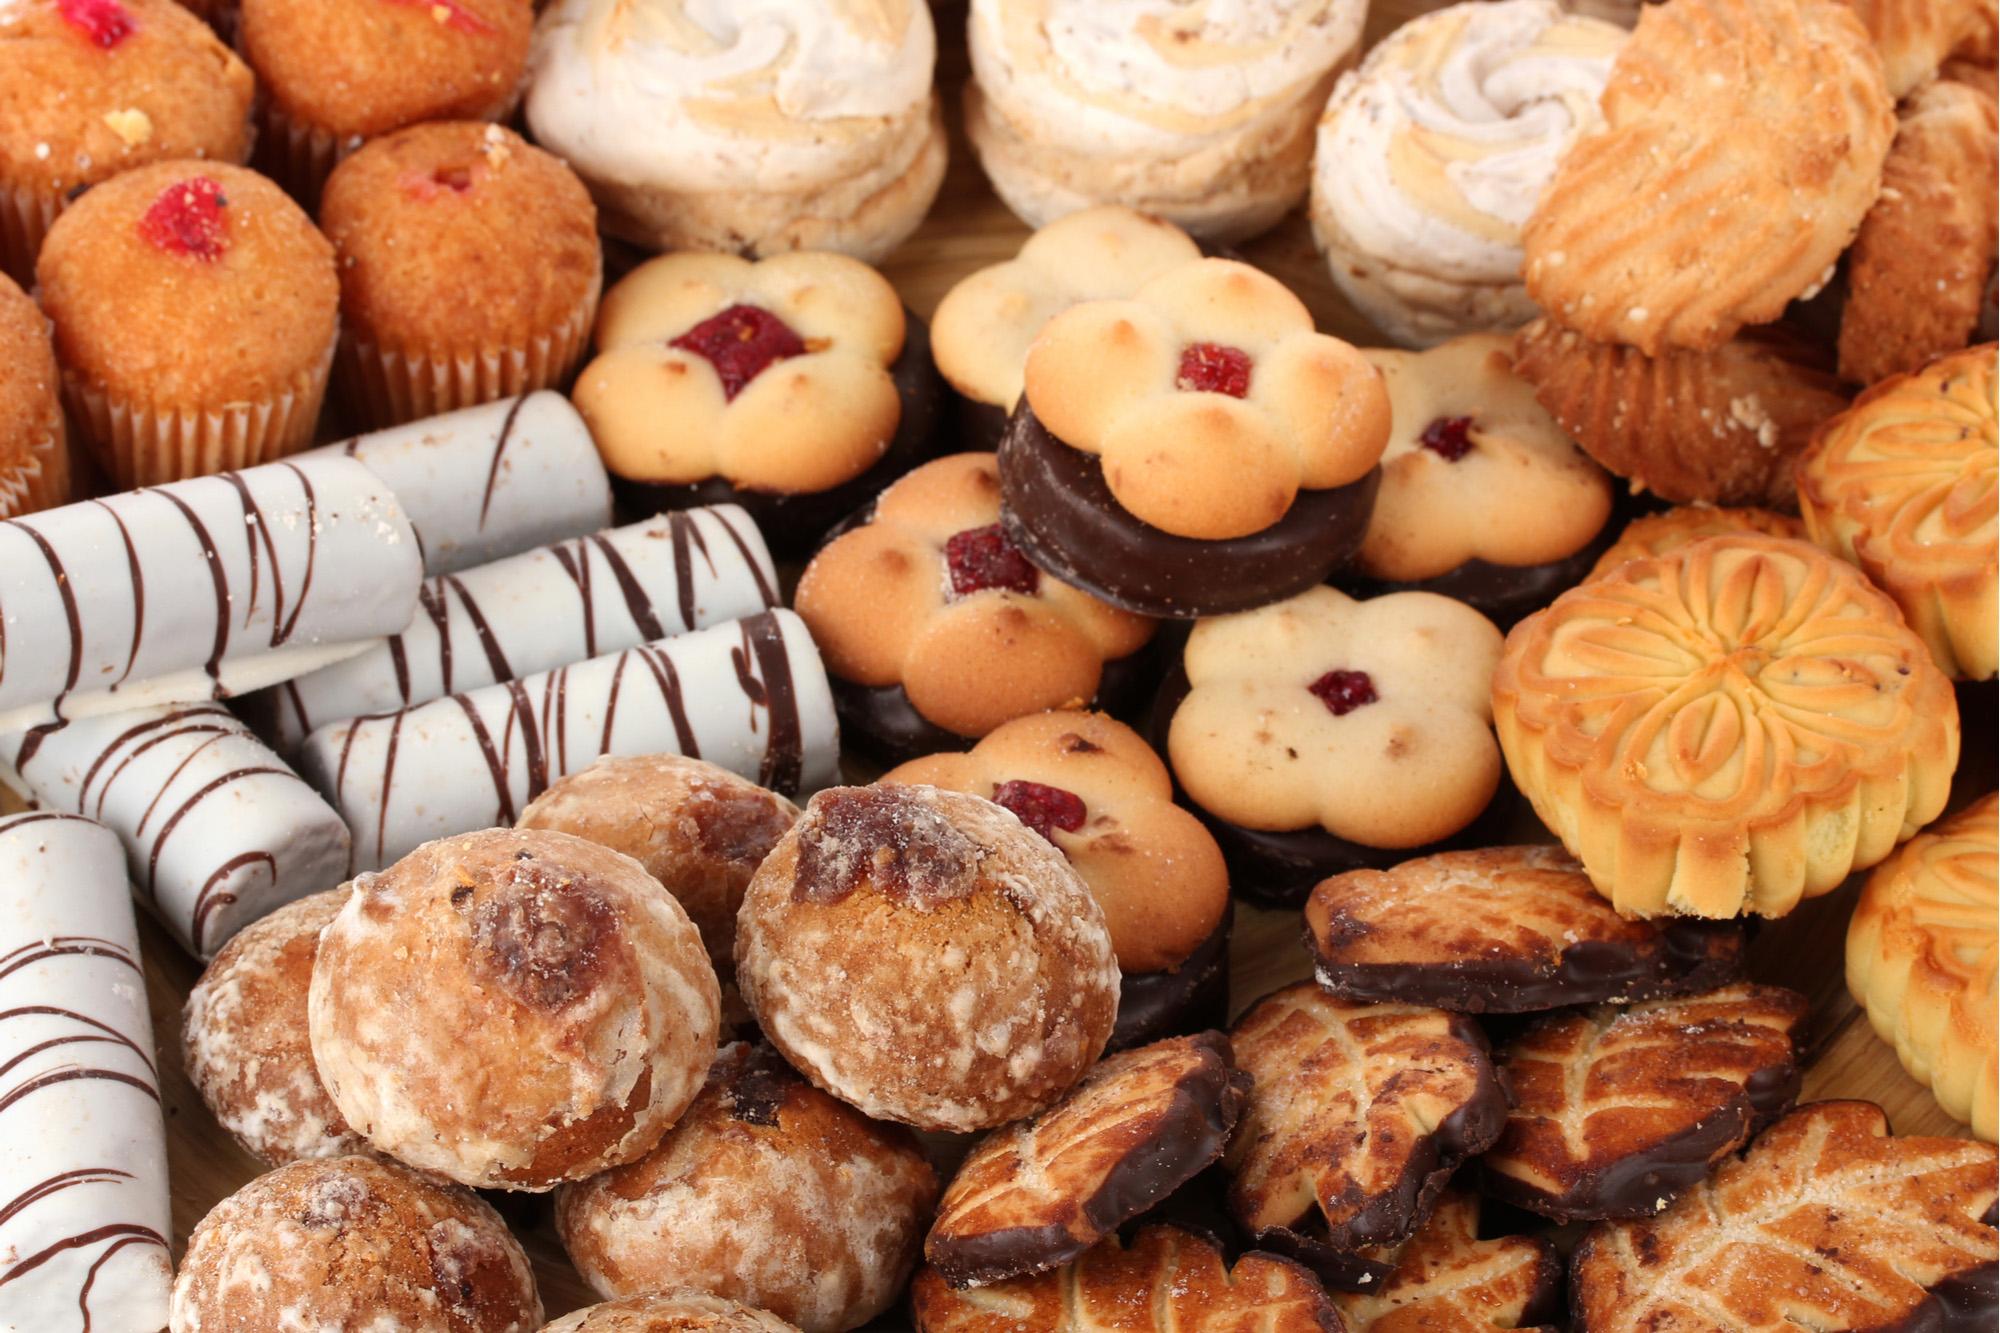 Mistura de biscoitos doces